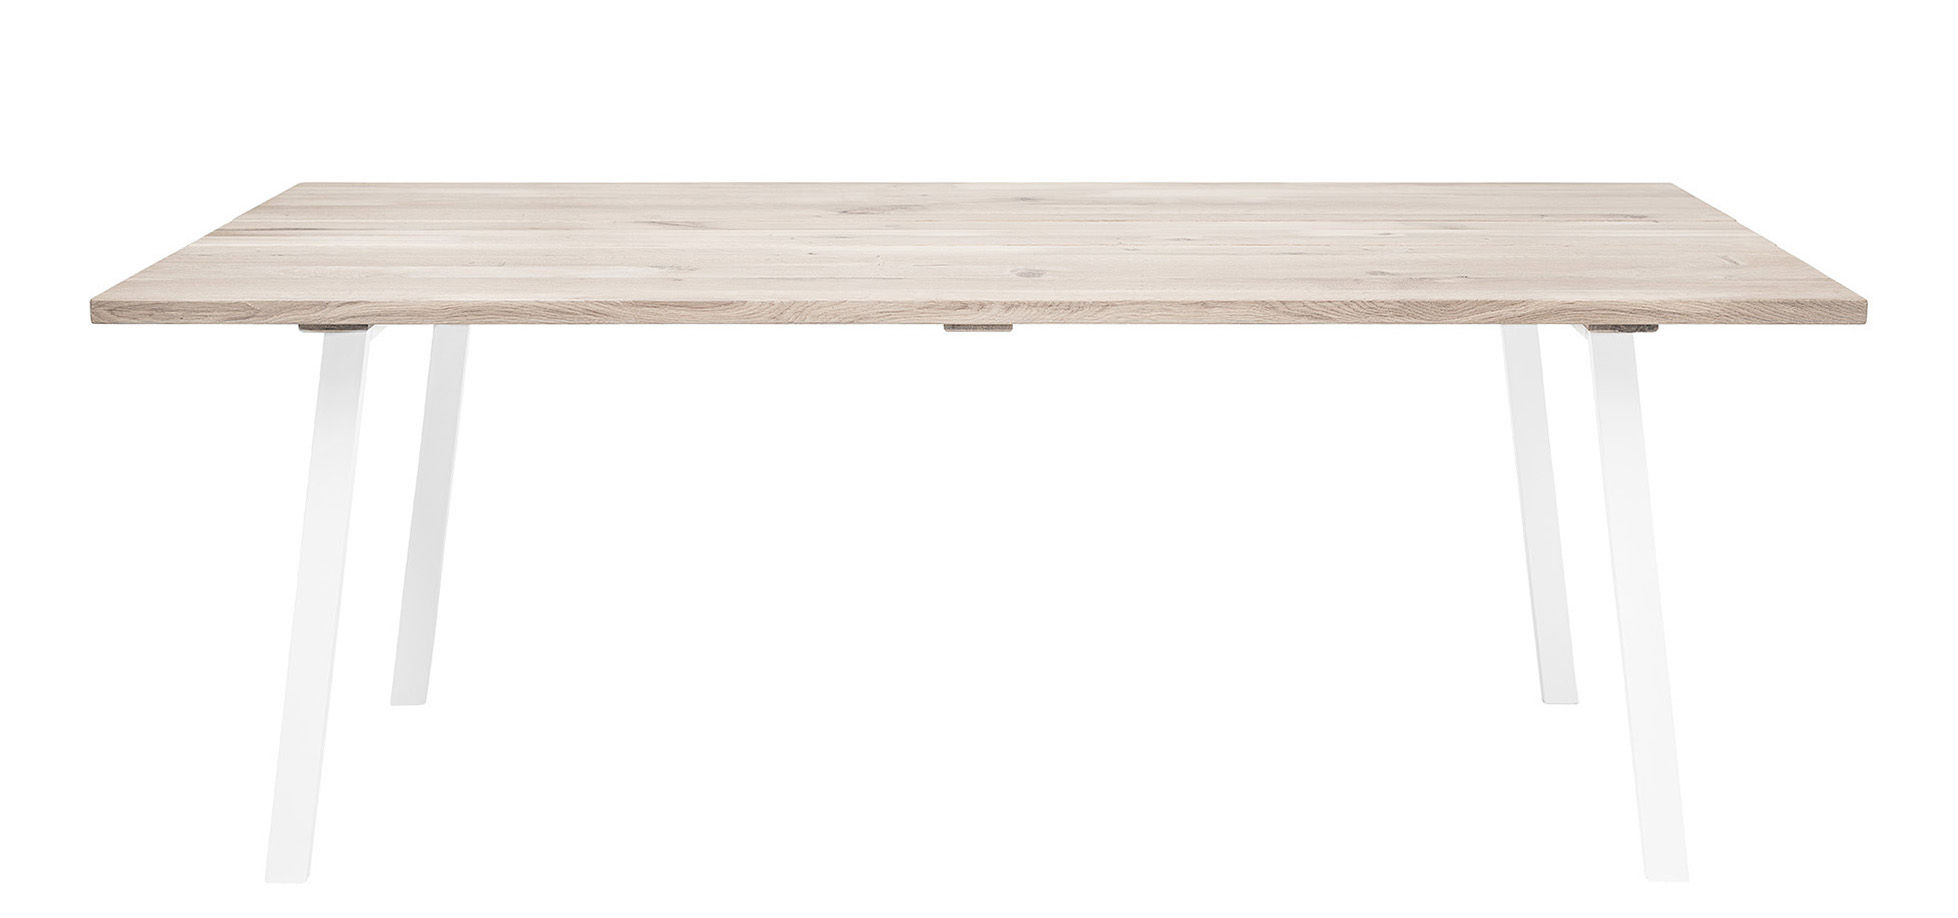 Möbel - Tische - Cozy rechteckiger Tisch / 200 x 95 cm - Holz & Metall - Bloomingville - Eiche & weiß - Eiche gebleicht geölt, lackiertes Metall